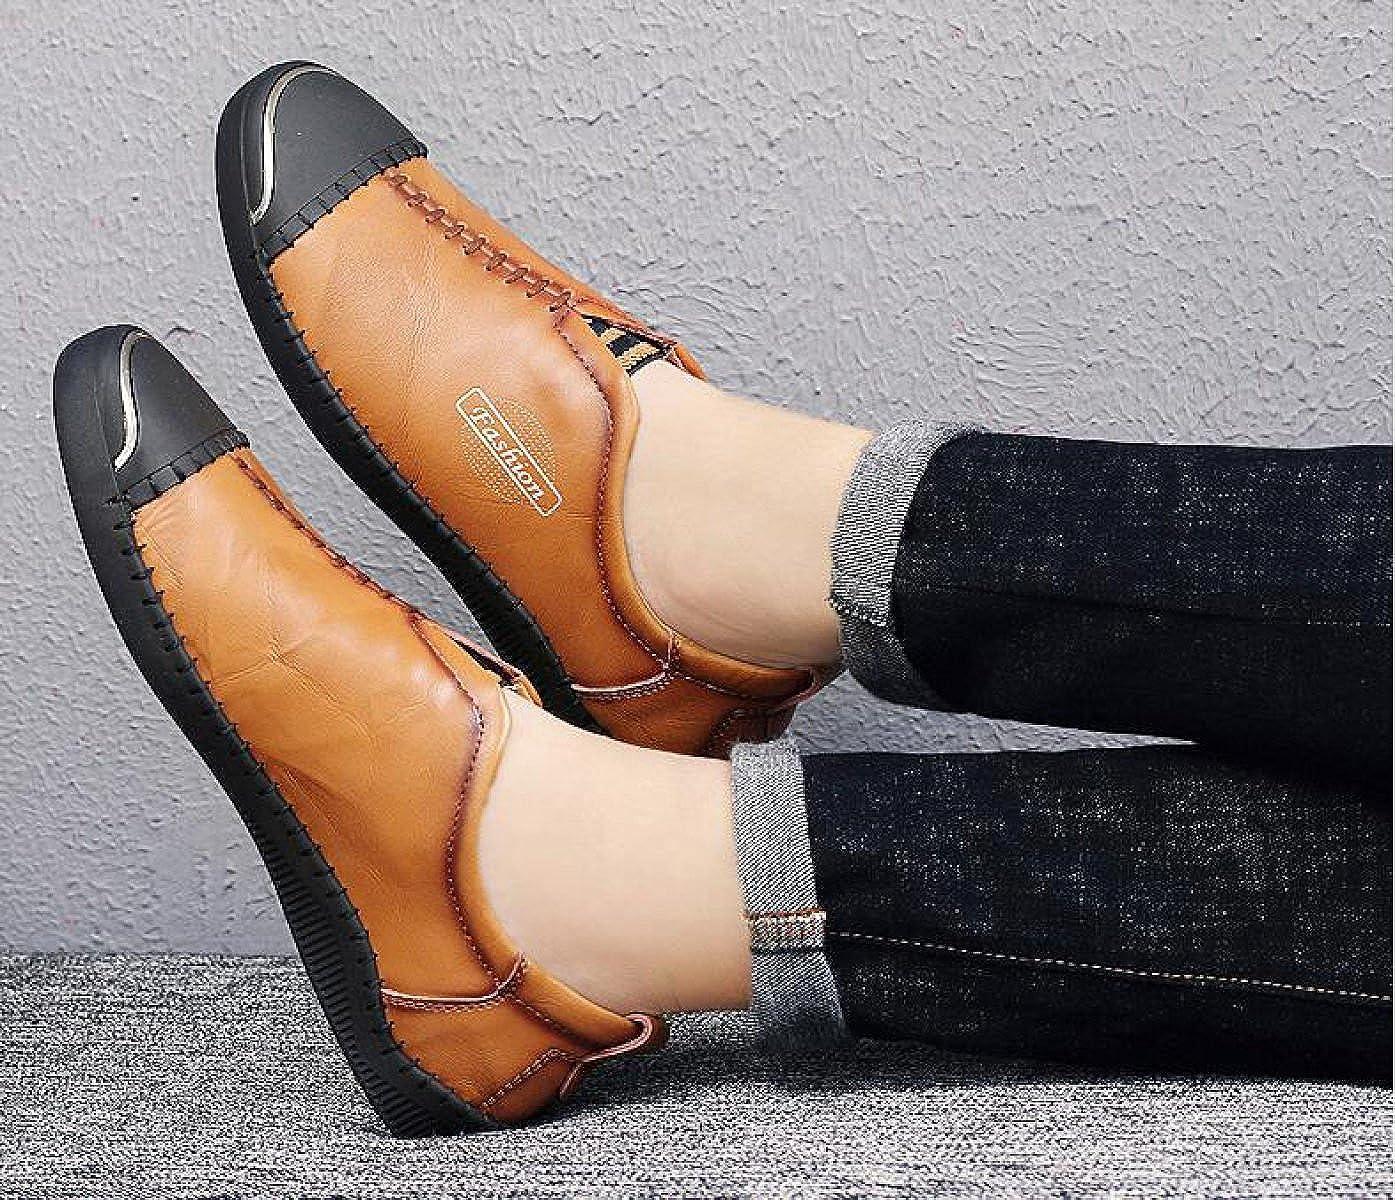 GTYMFH Herbst Und Winter Männer Männer Männer Schuhe Leder England Herrenschuhe Sets Von Schuhen Mode Freizeitschuhe 52582e